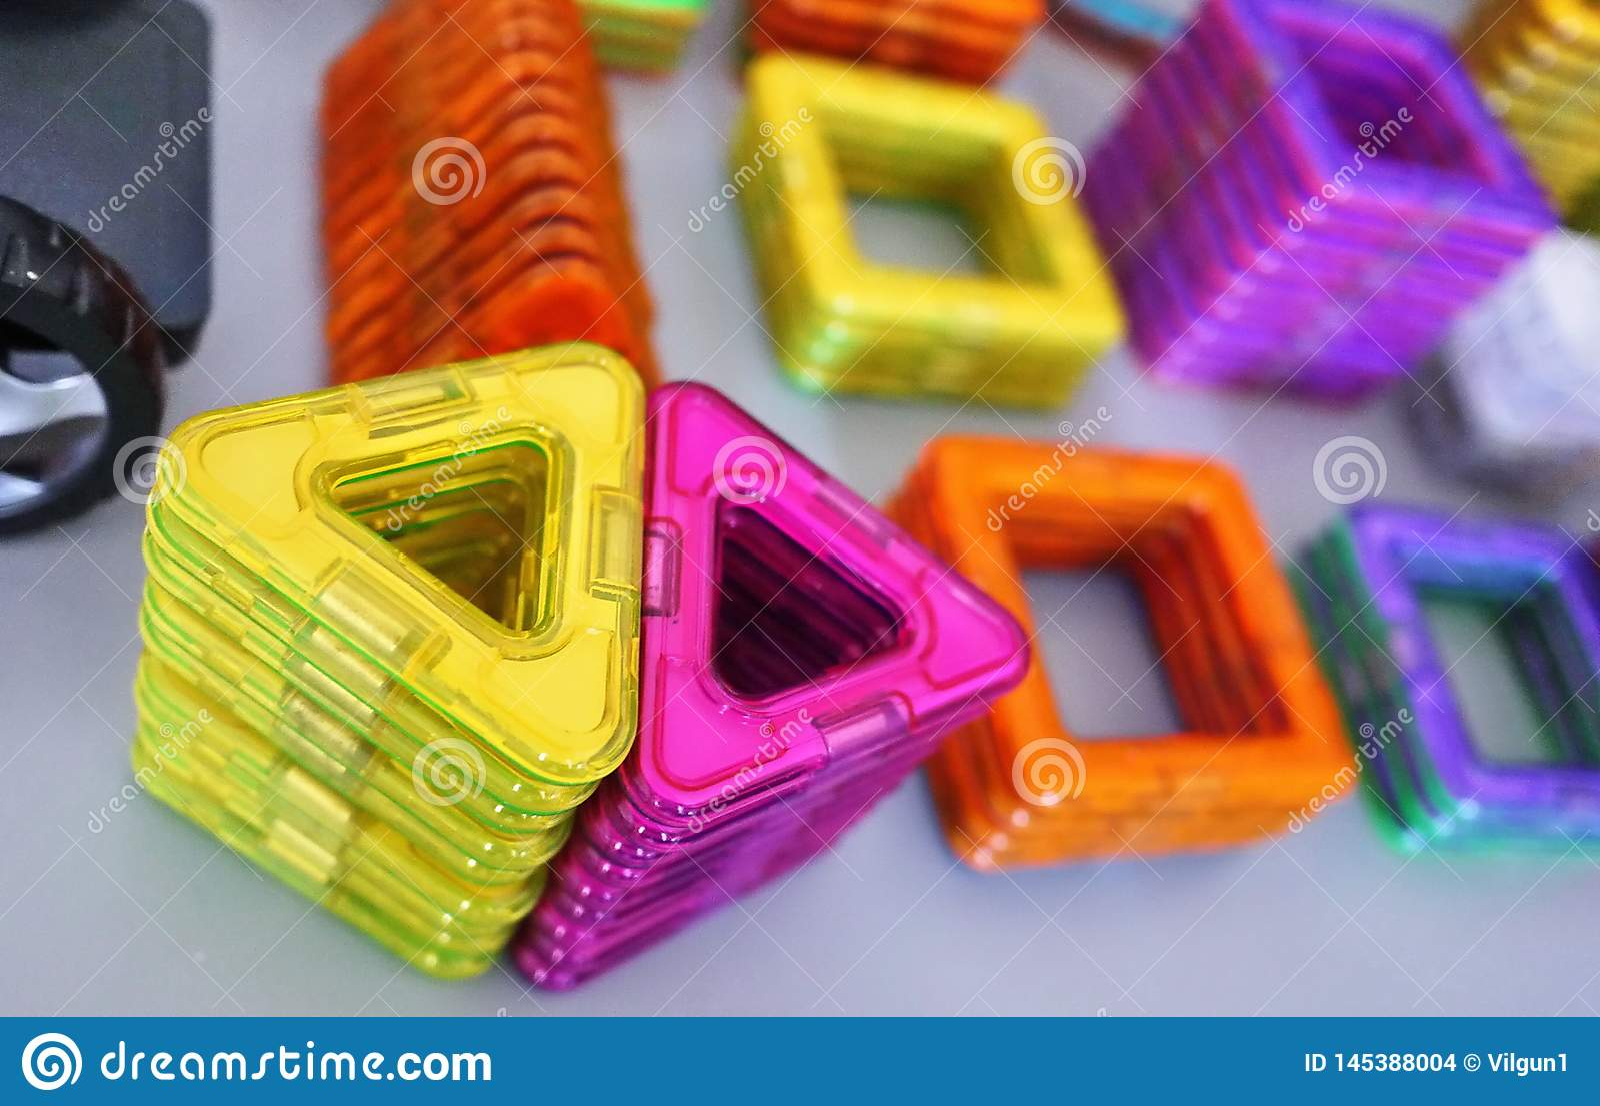 Formas geométricas brillantes en una base magnética De estas figuras, el diseñador puede montar los diversos modelos Perfeccio